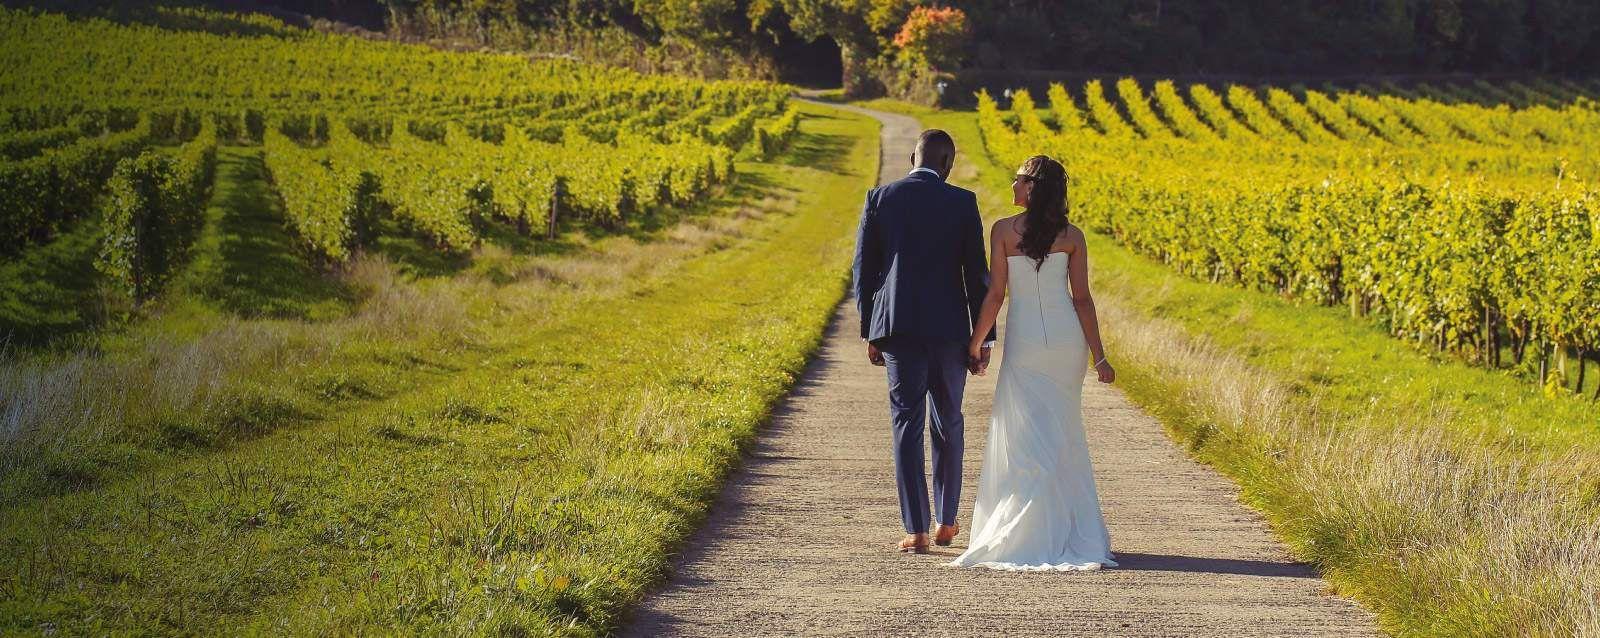 Denbies Wine Estate Wedding venues surrey, Unique